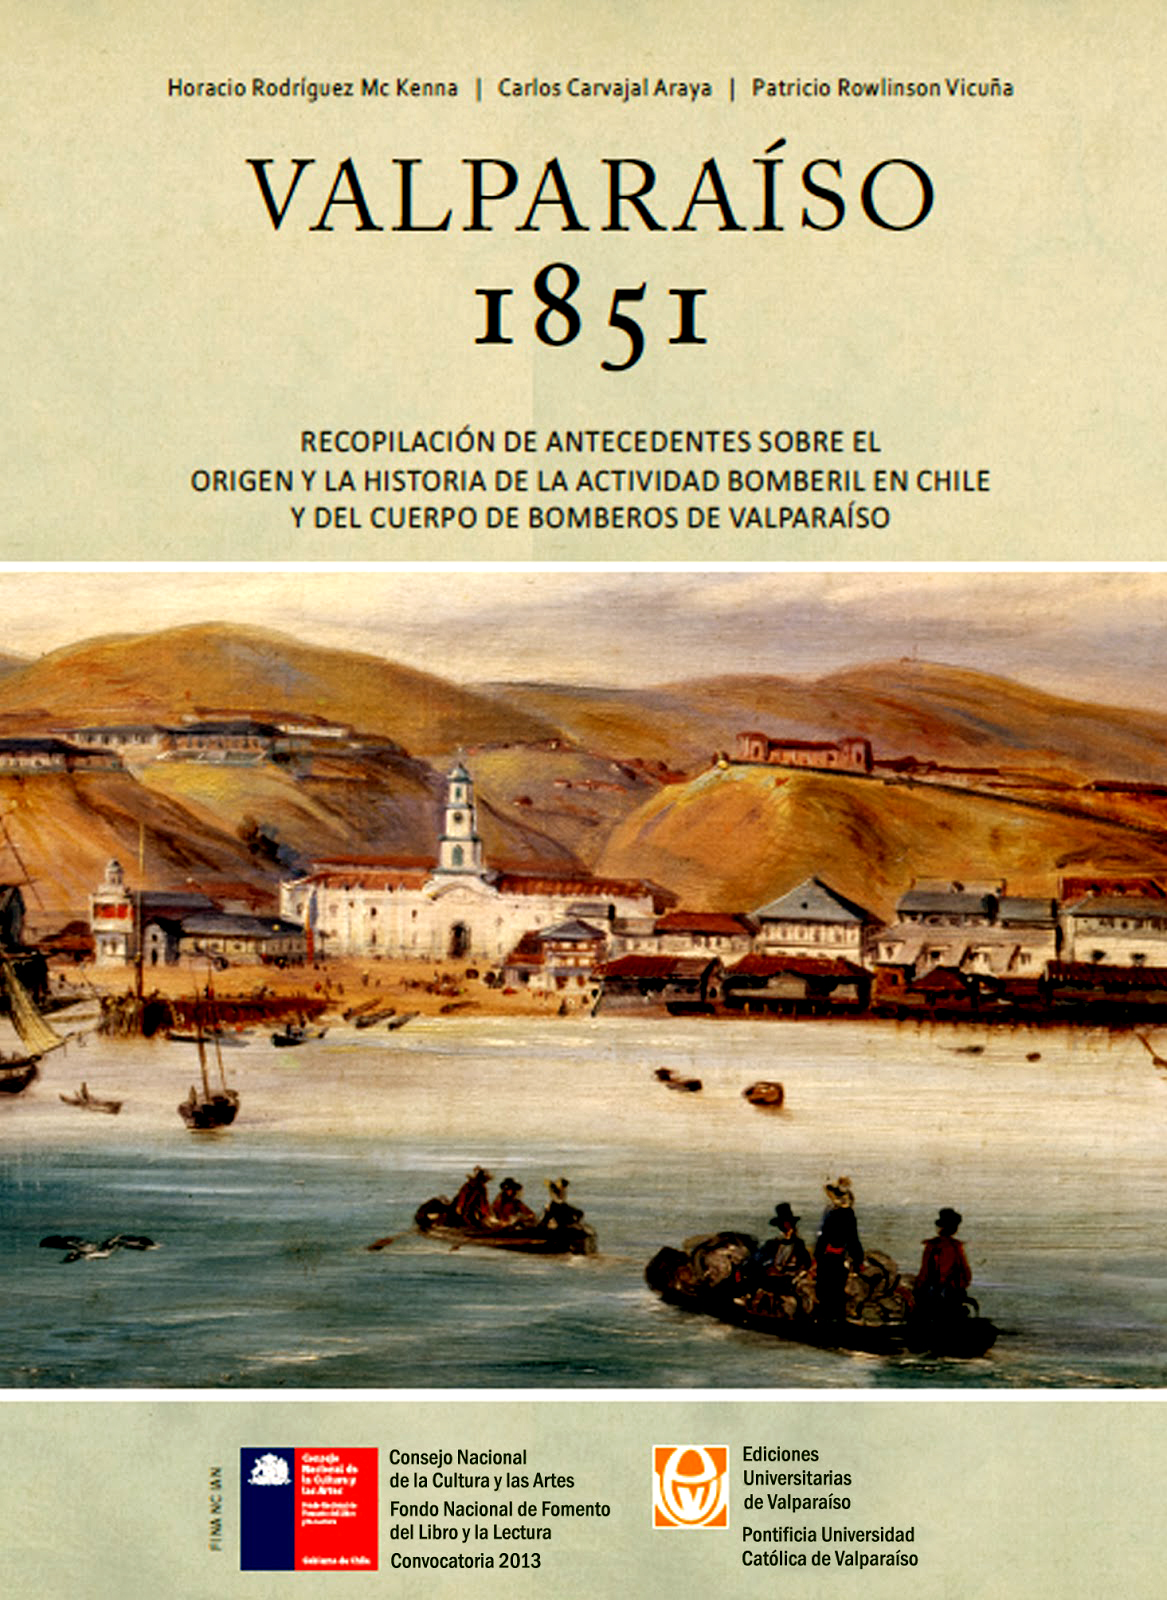 Valparaíso 1851 Horacio Rodriguez & Carlos Carvajal